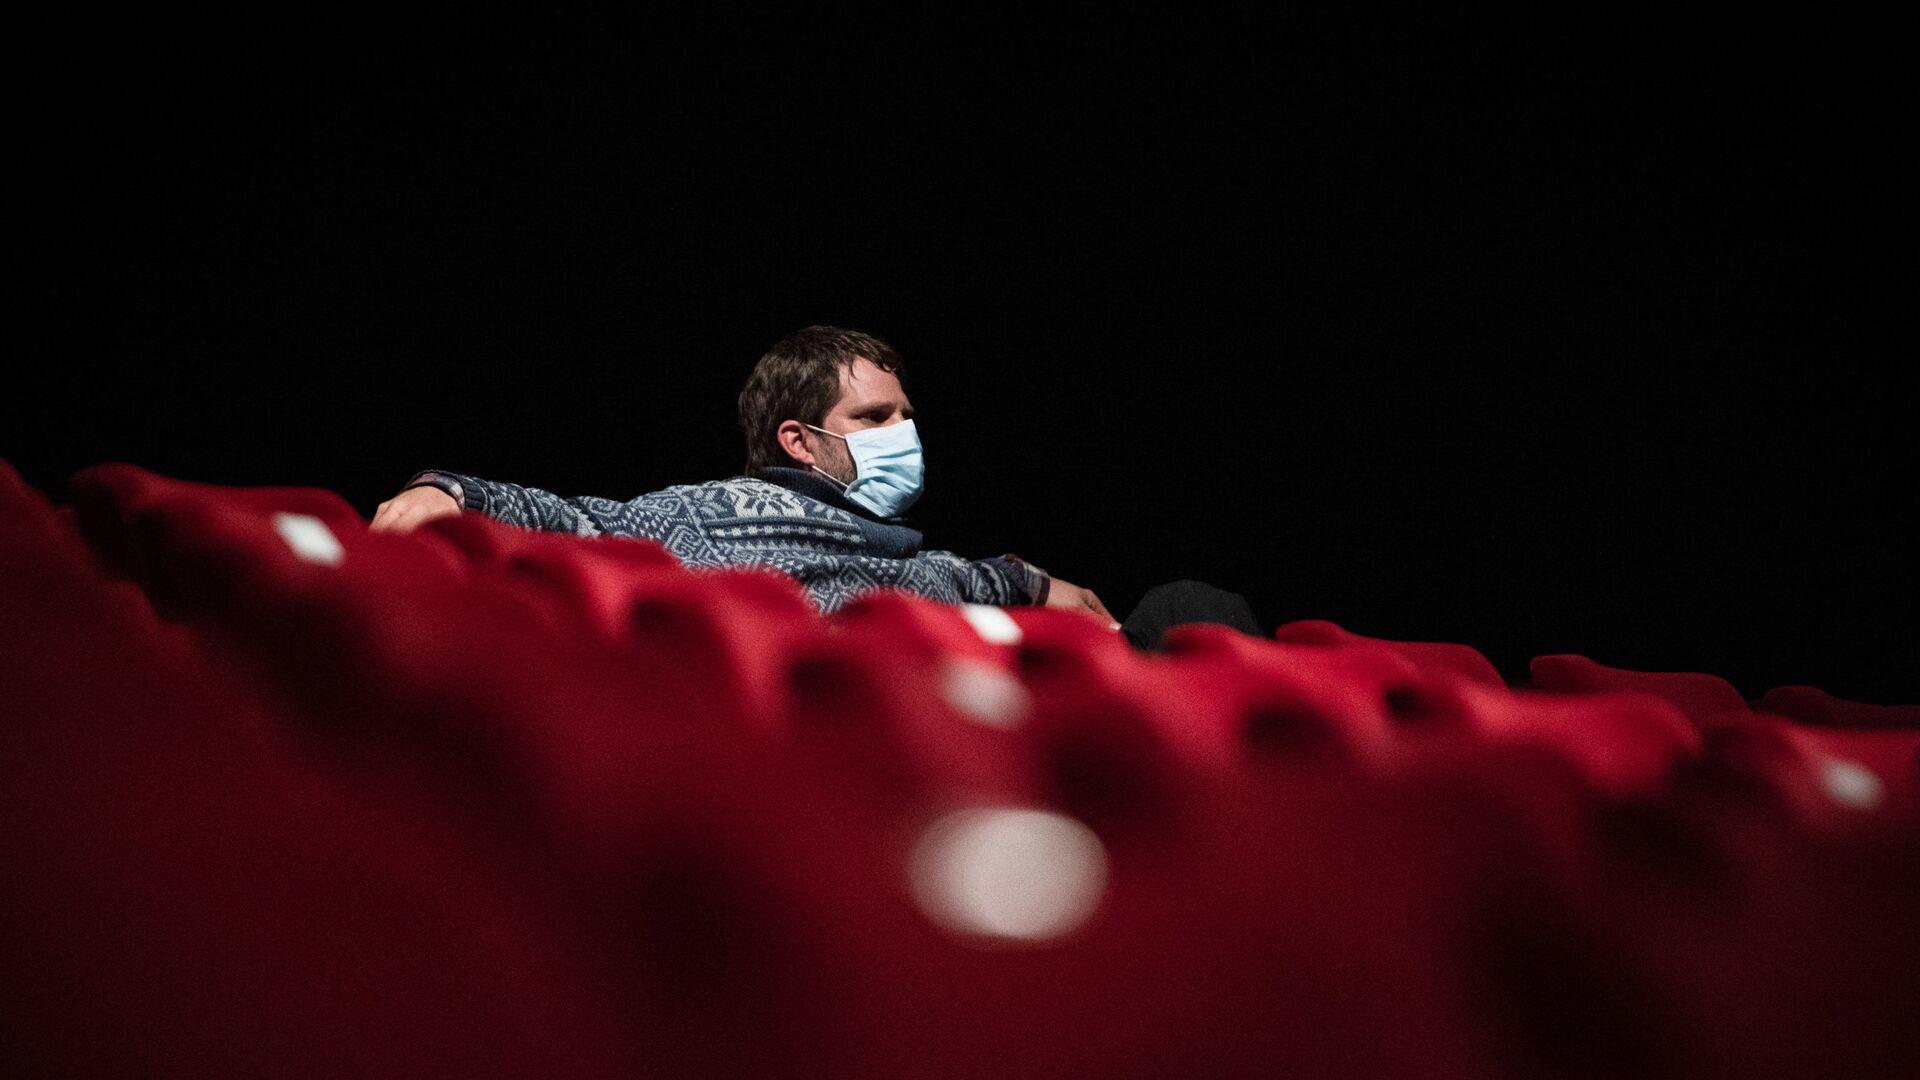 Зритель в кинотеатре, фото из архива - Sputnik Азербайджан, 1920, 16.09.2021